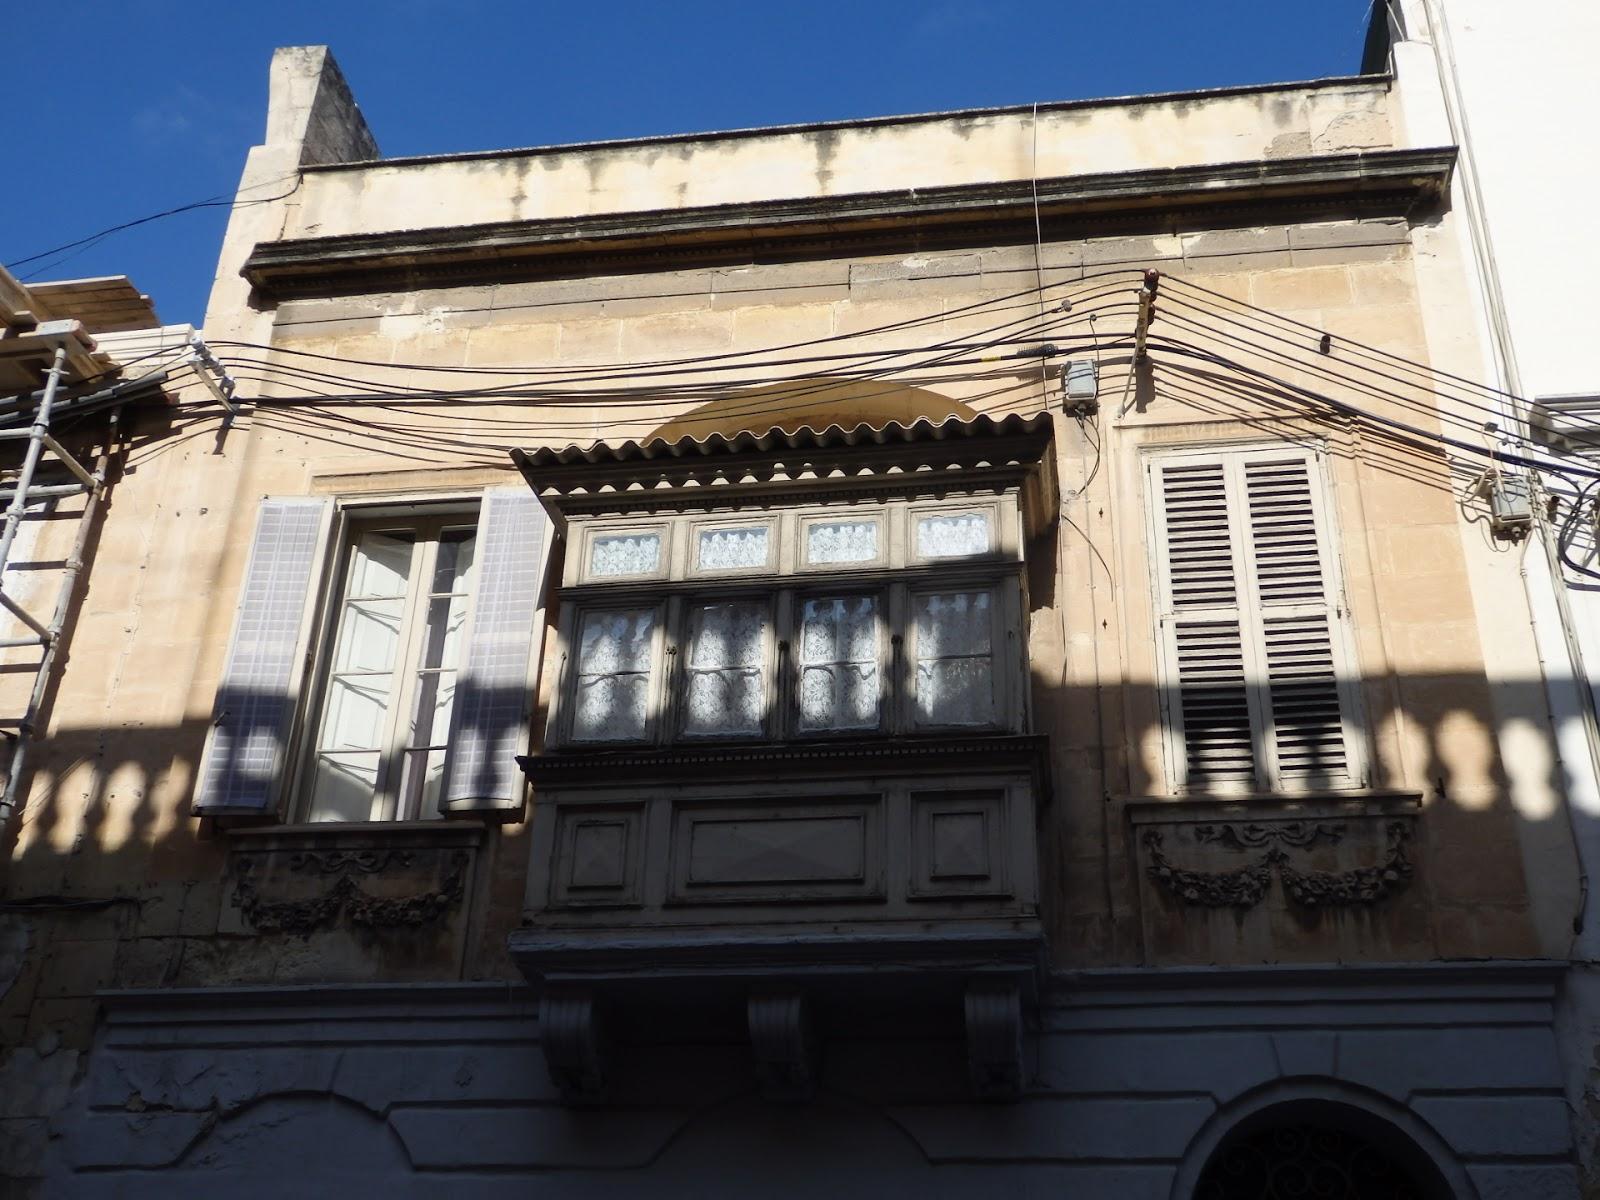 More malta secrets of maltese balconies gallarijia for Closed balcony